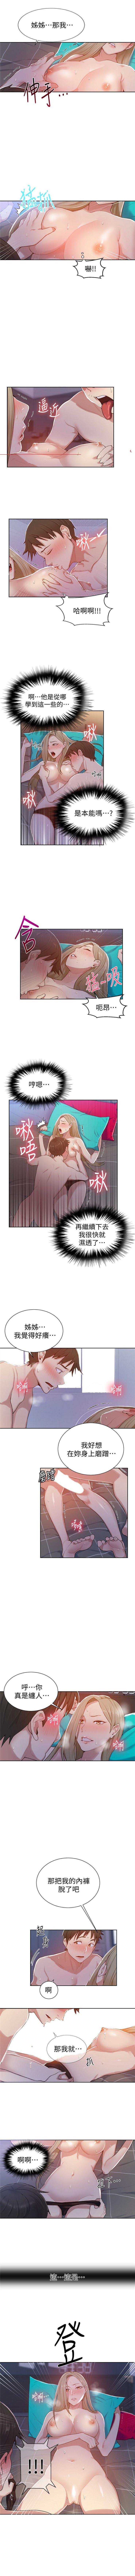 秘密教學  1-50 官方中文(連載中) 82